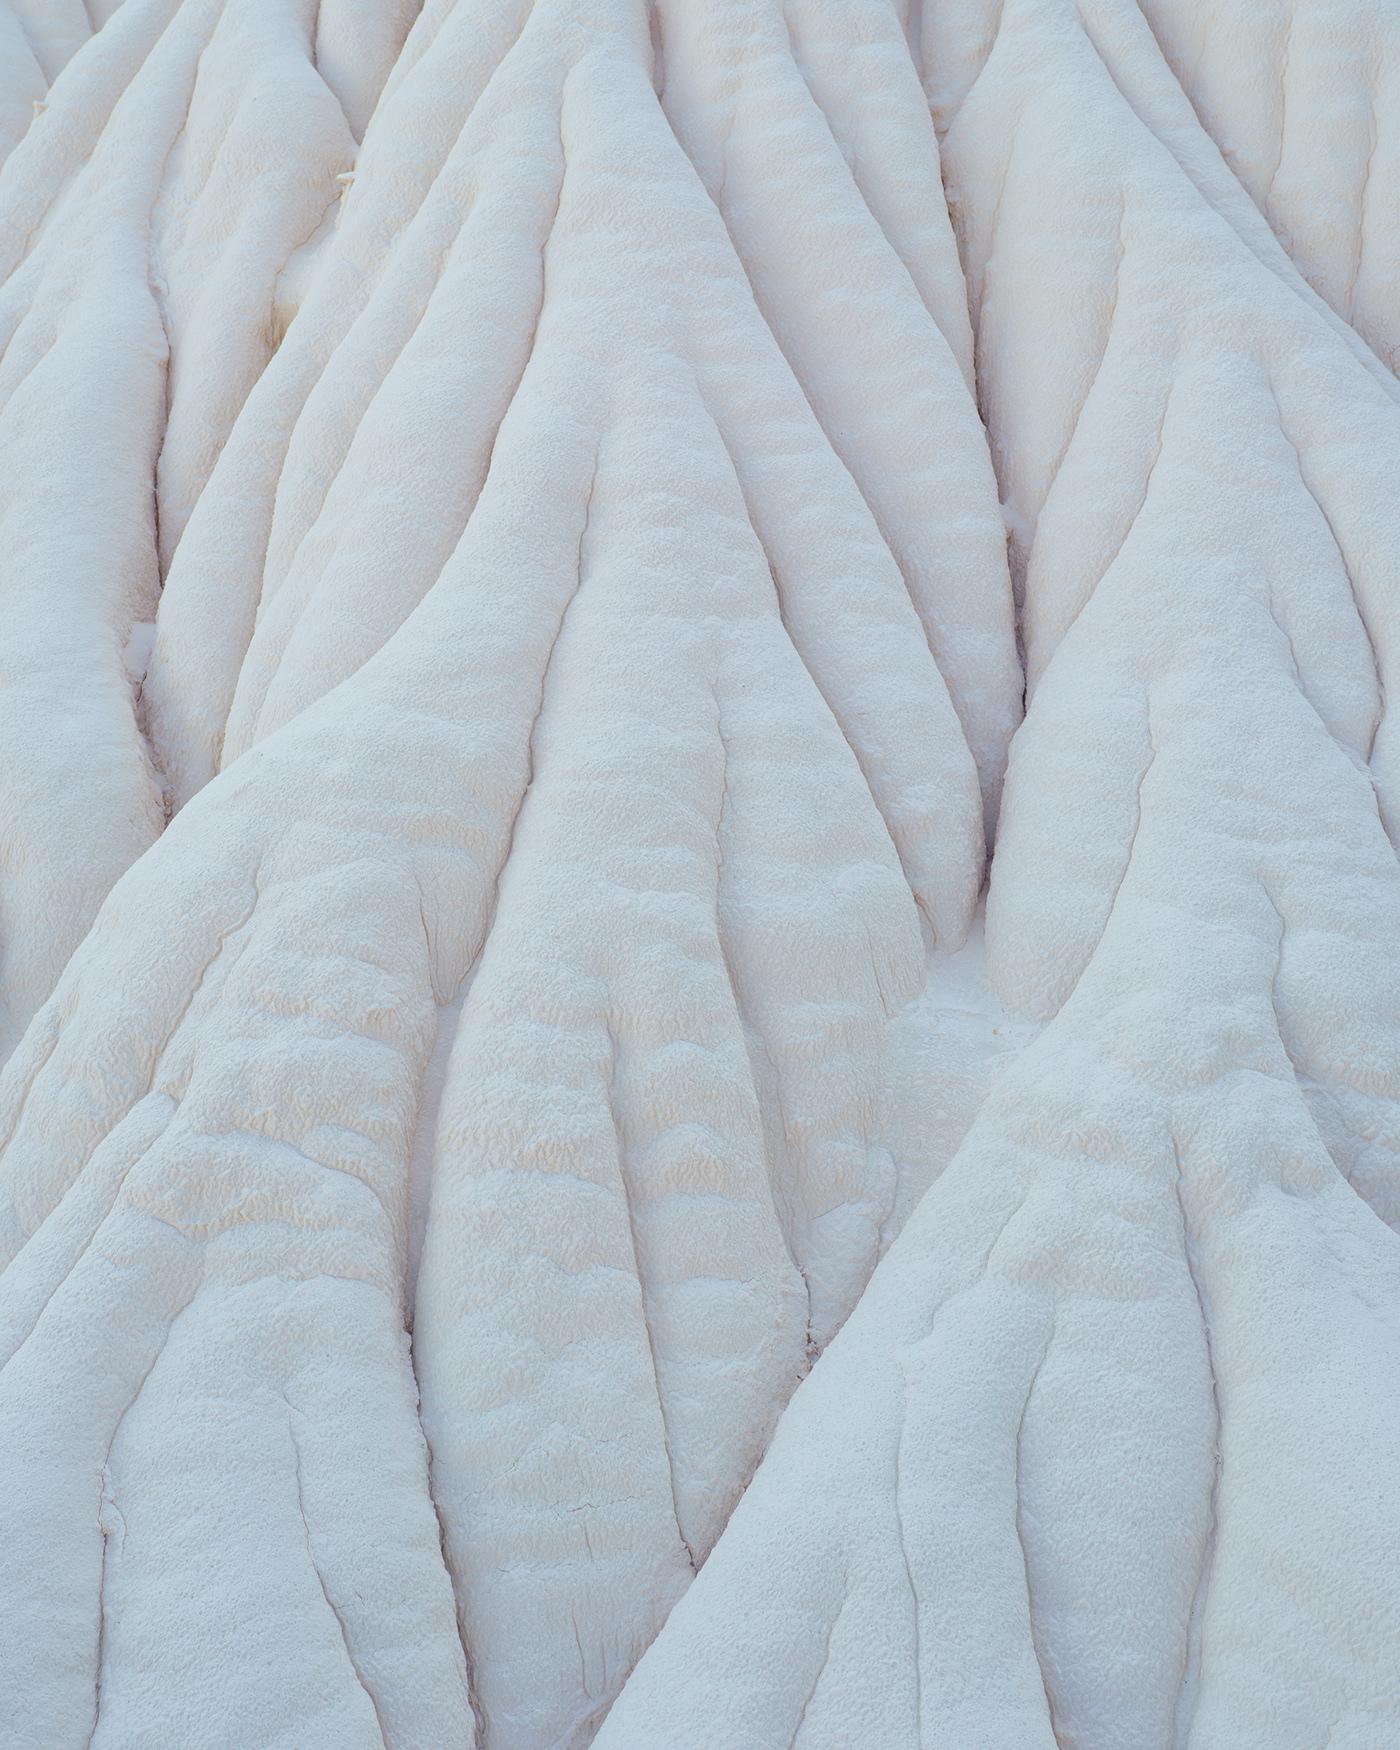 erosion formation ghostly Landscape Nature otherworldly sandstone sculpture strange White